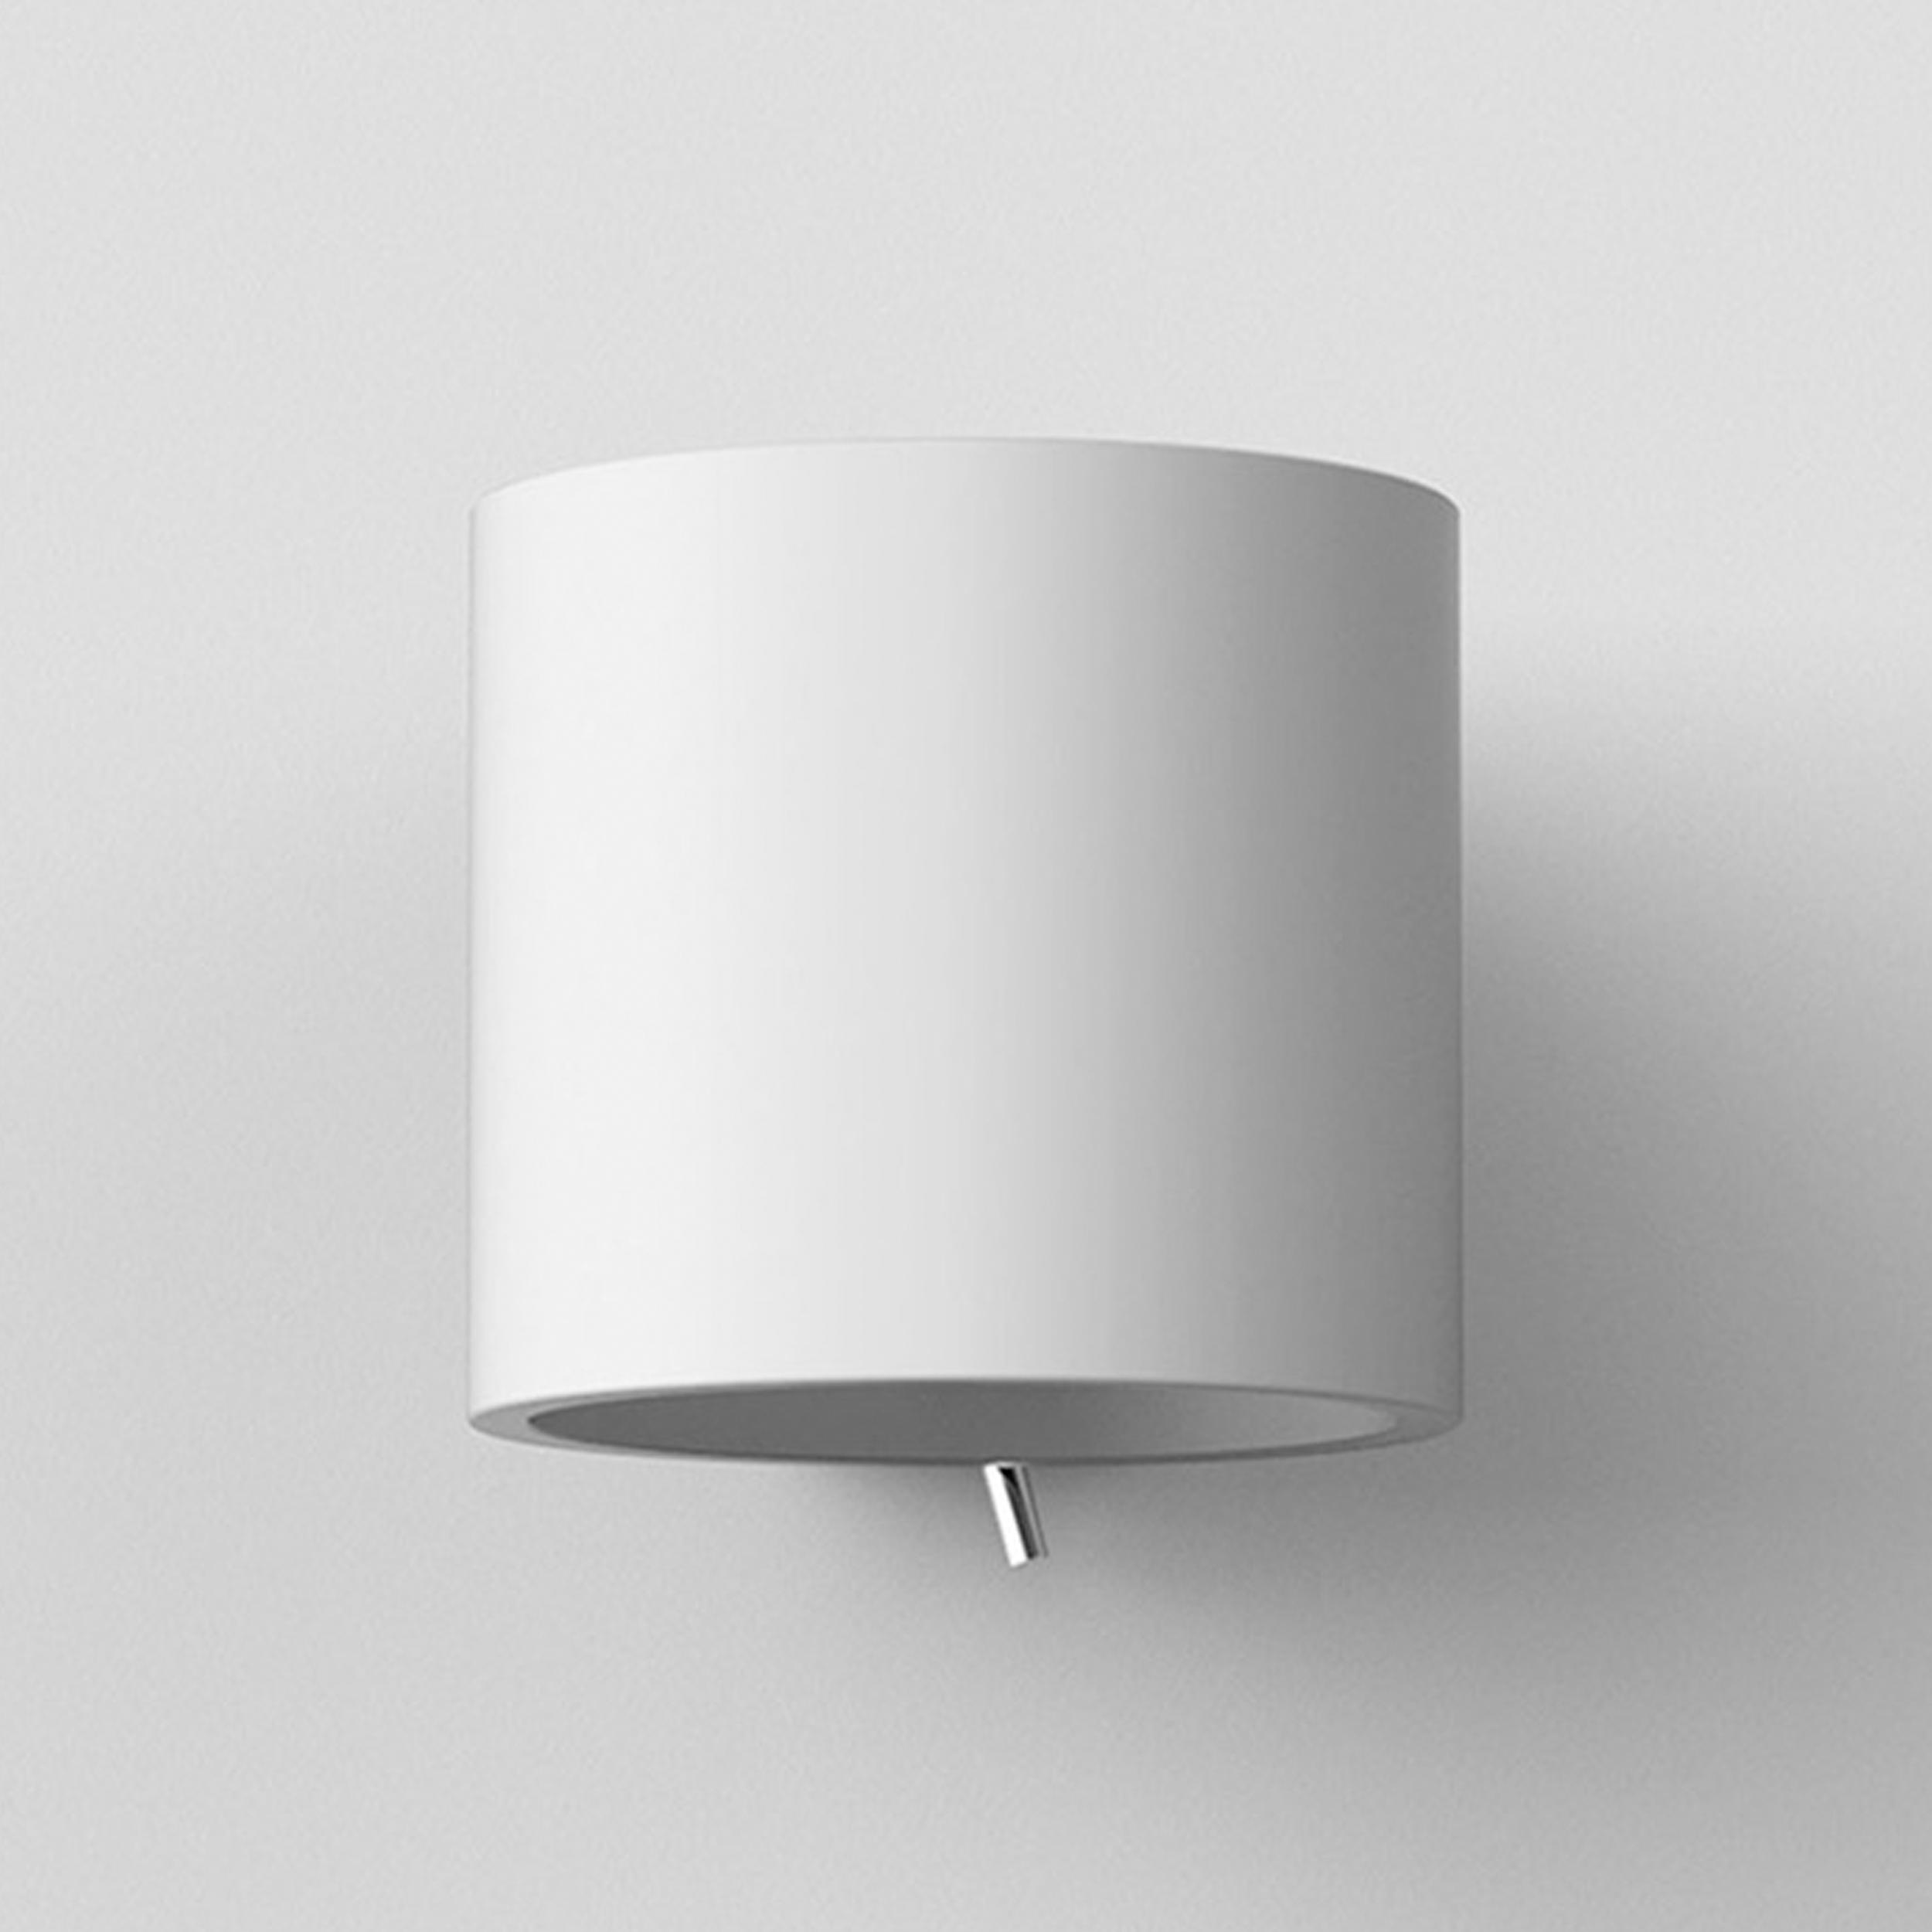 Astro Brenta 130 Wall Light White Plaster E